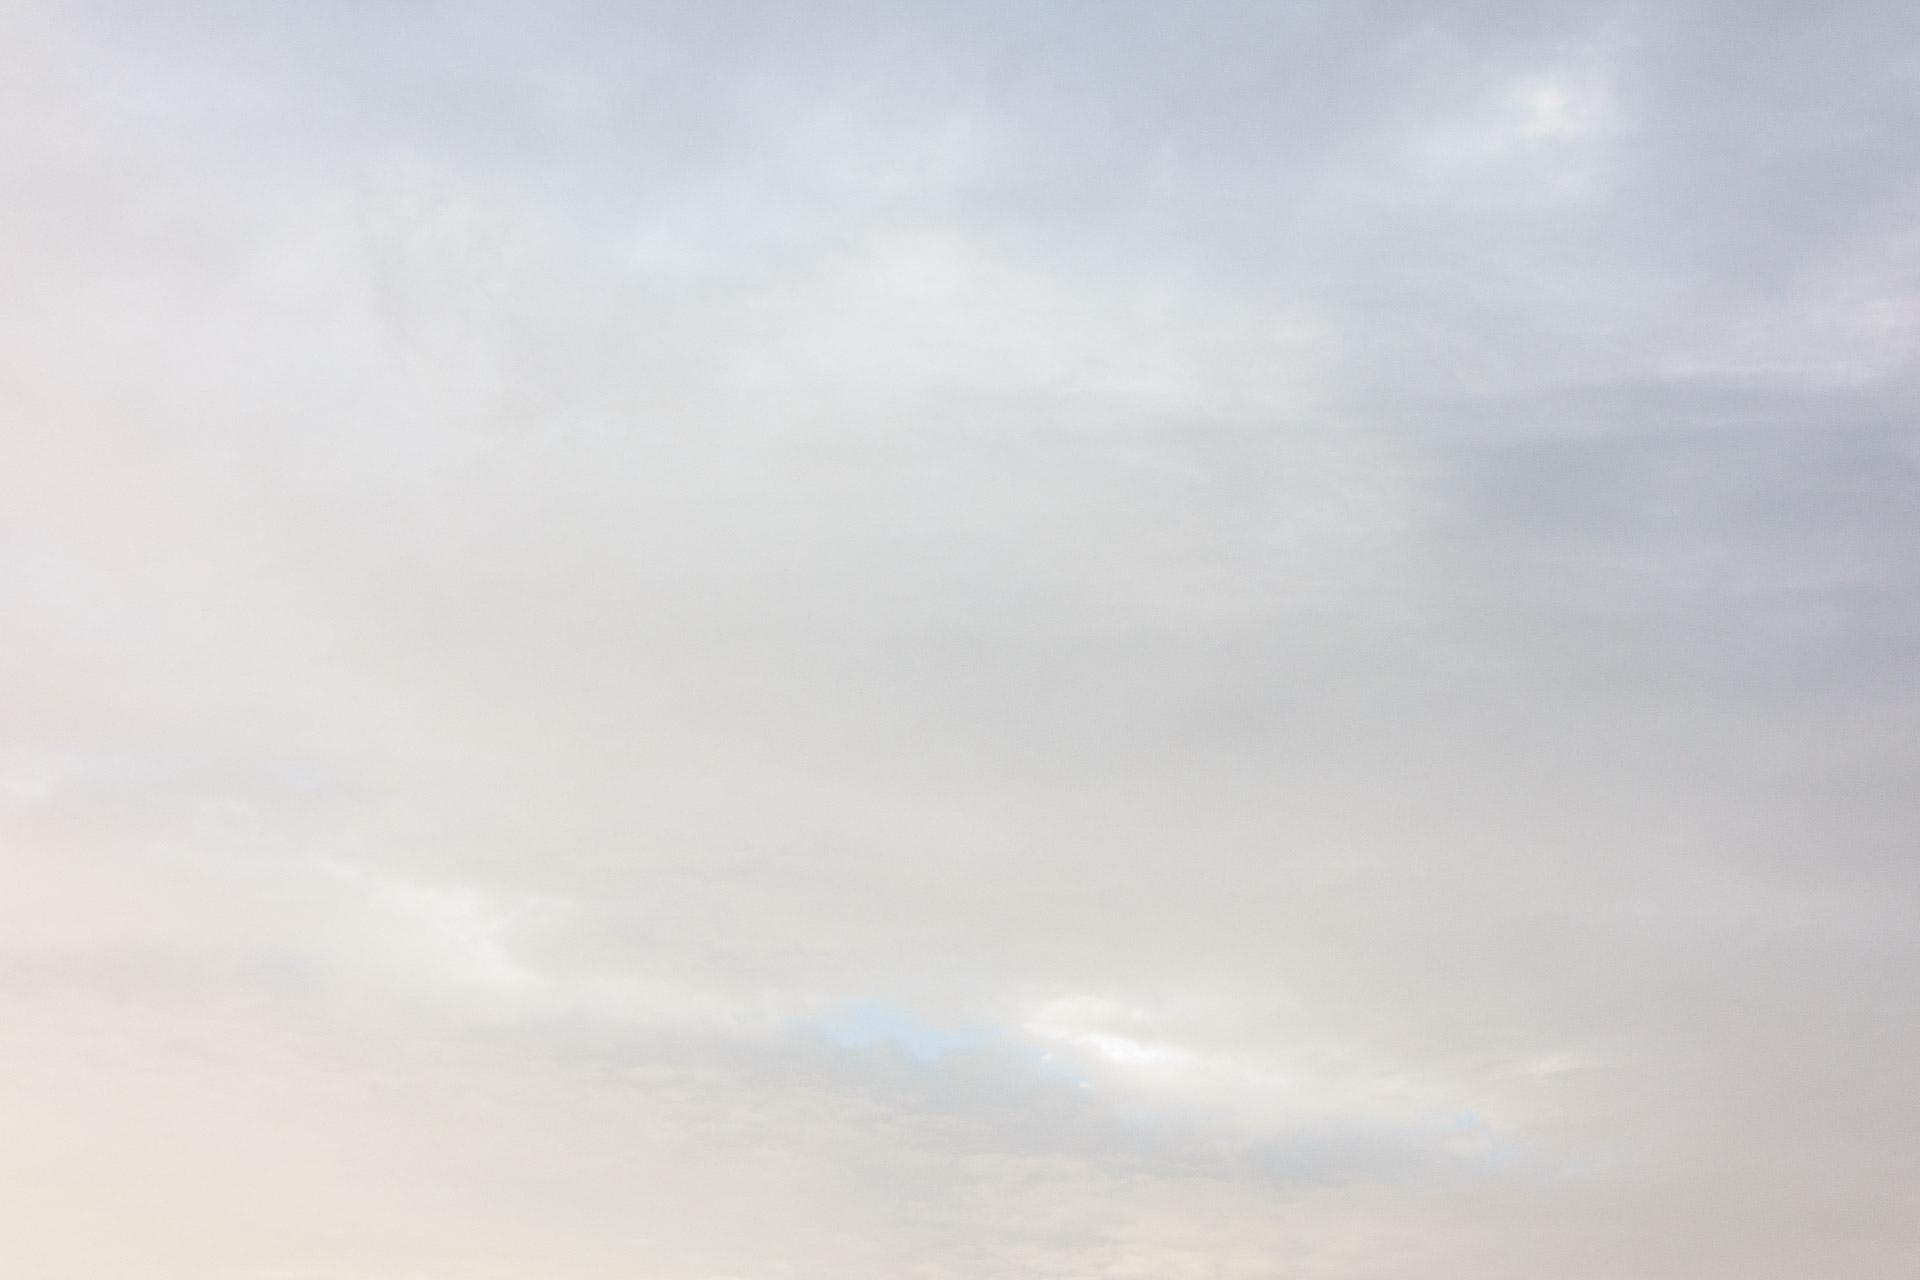 Sky-PM-07-20-2017-Chris-Page-Art-37.jpg